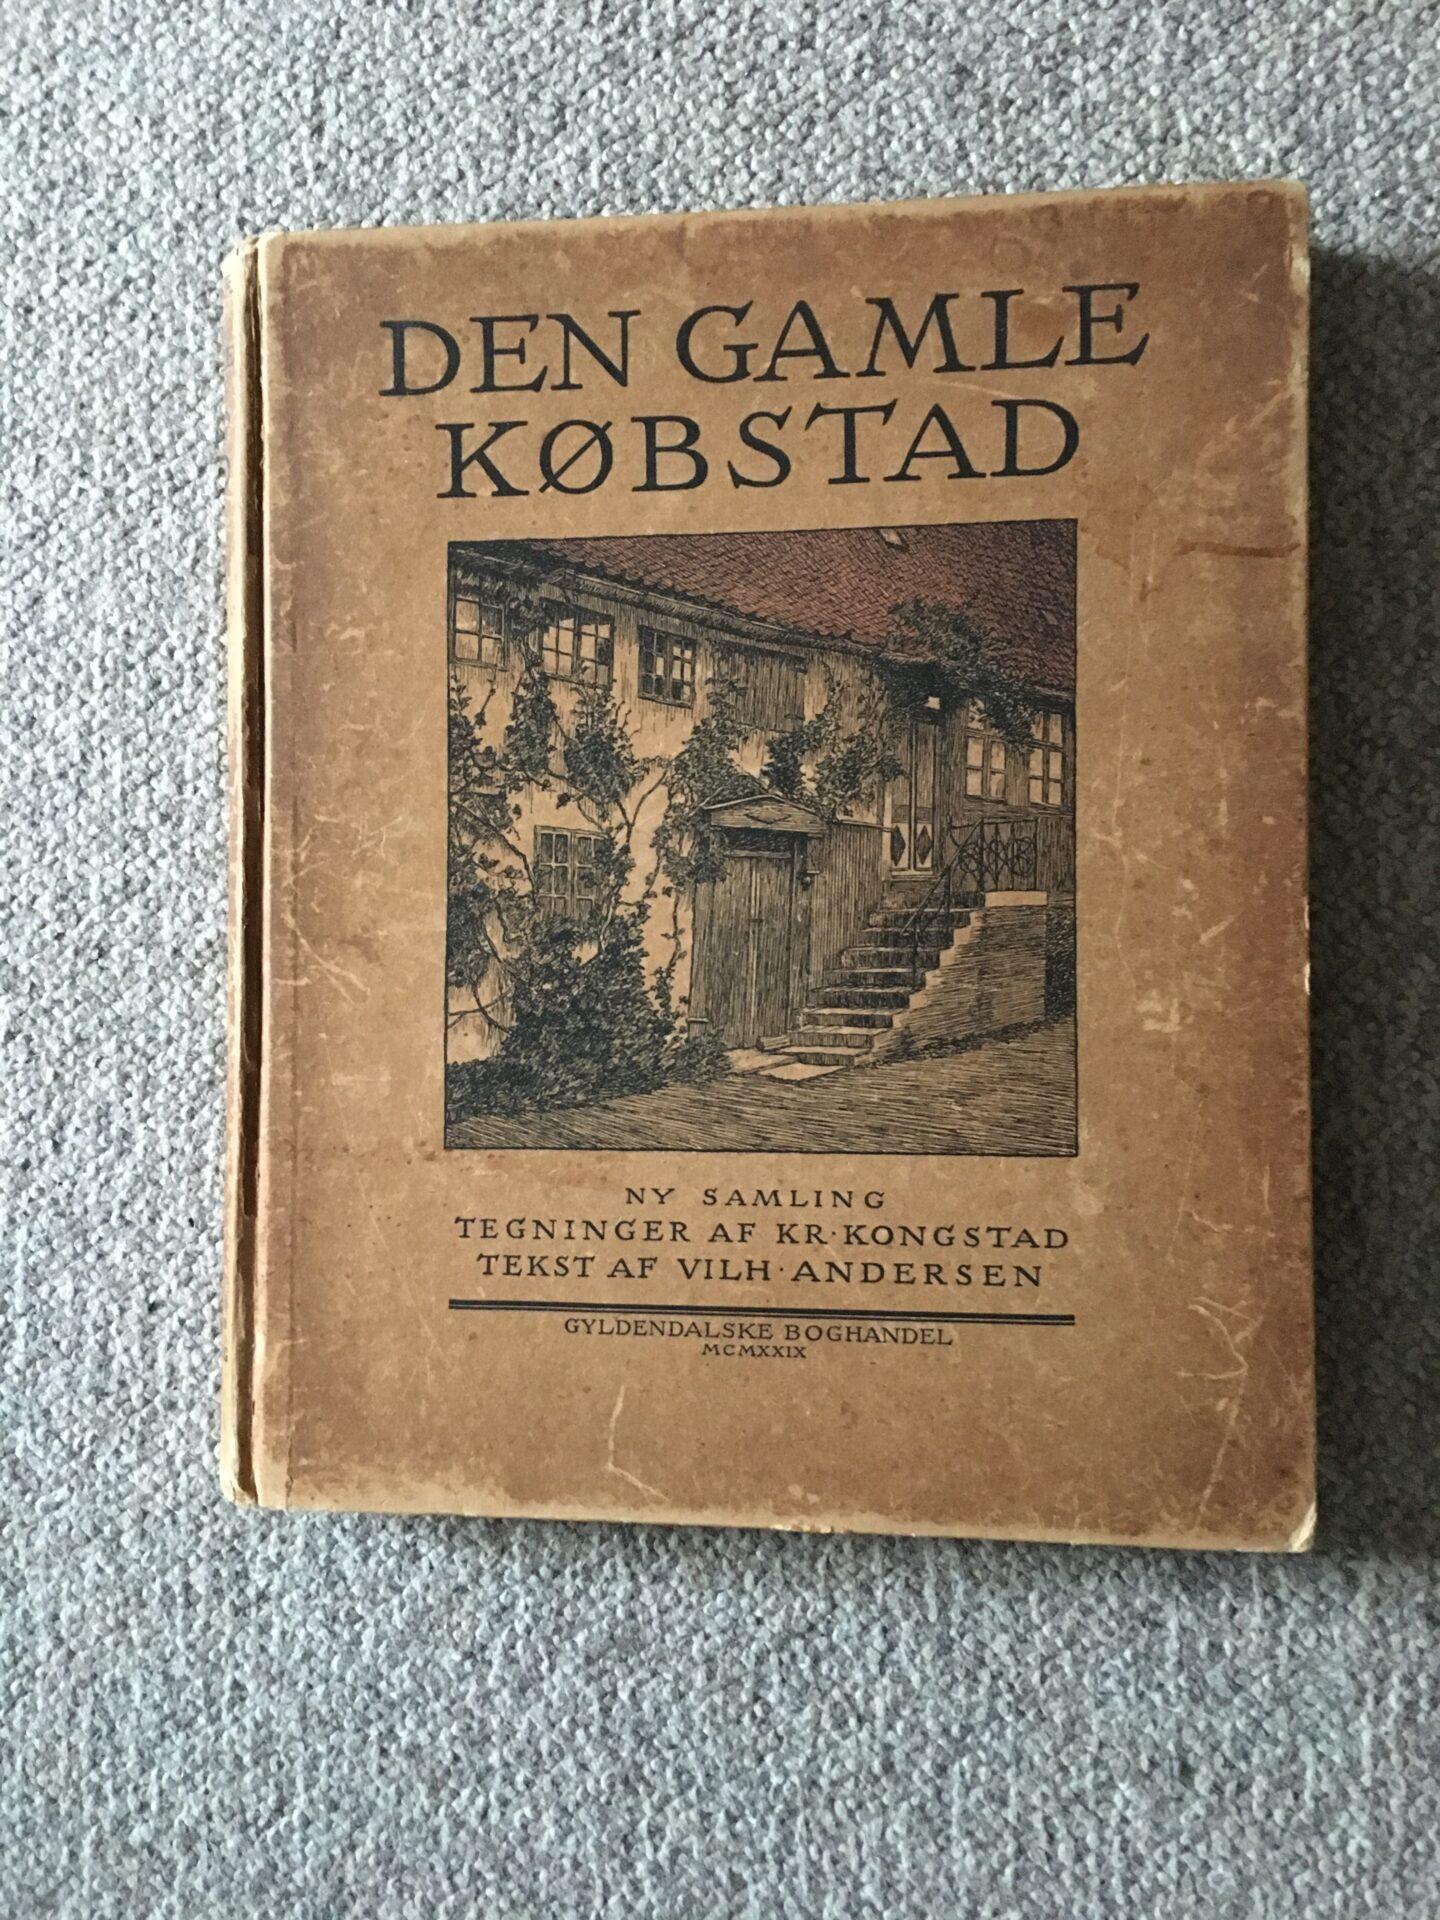 Den Gamle Købstad,tykt i 2000 eksm. pris 100kr